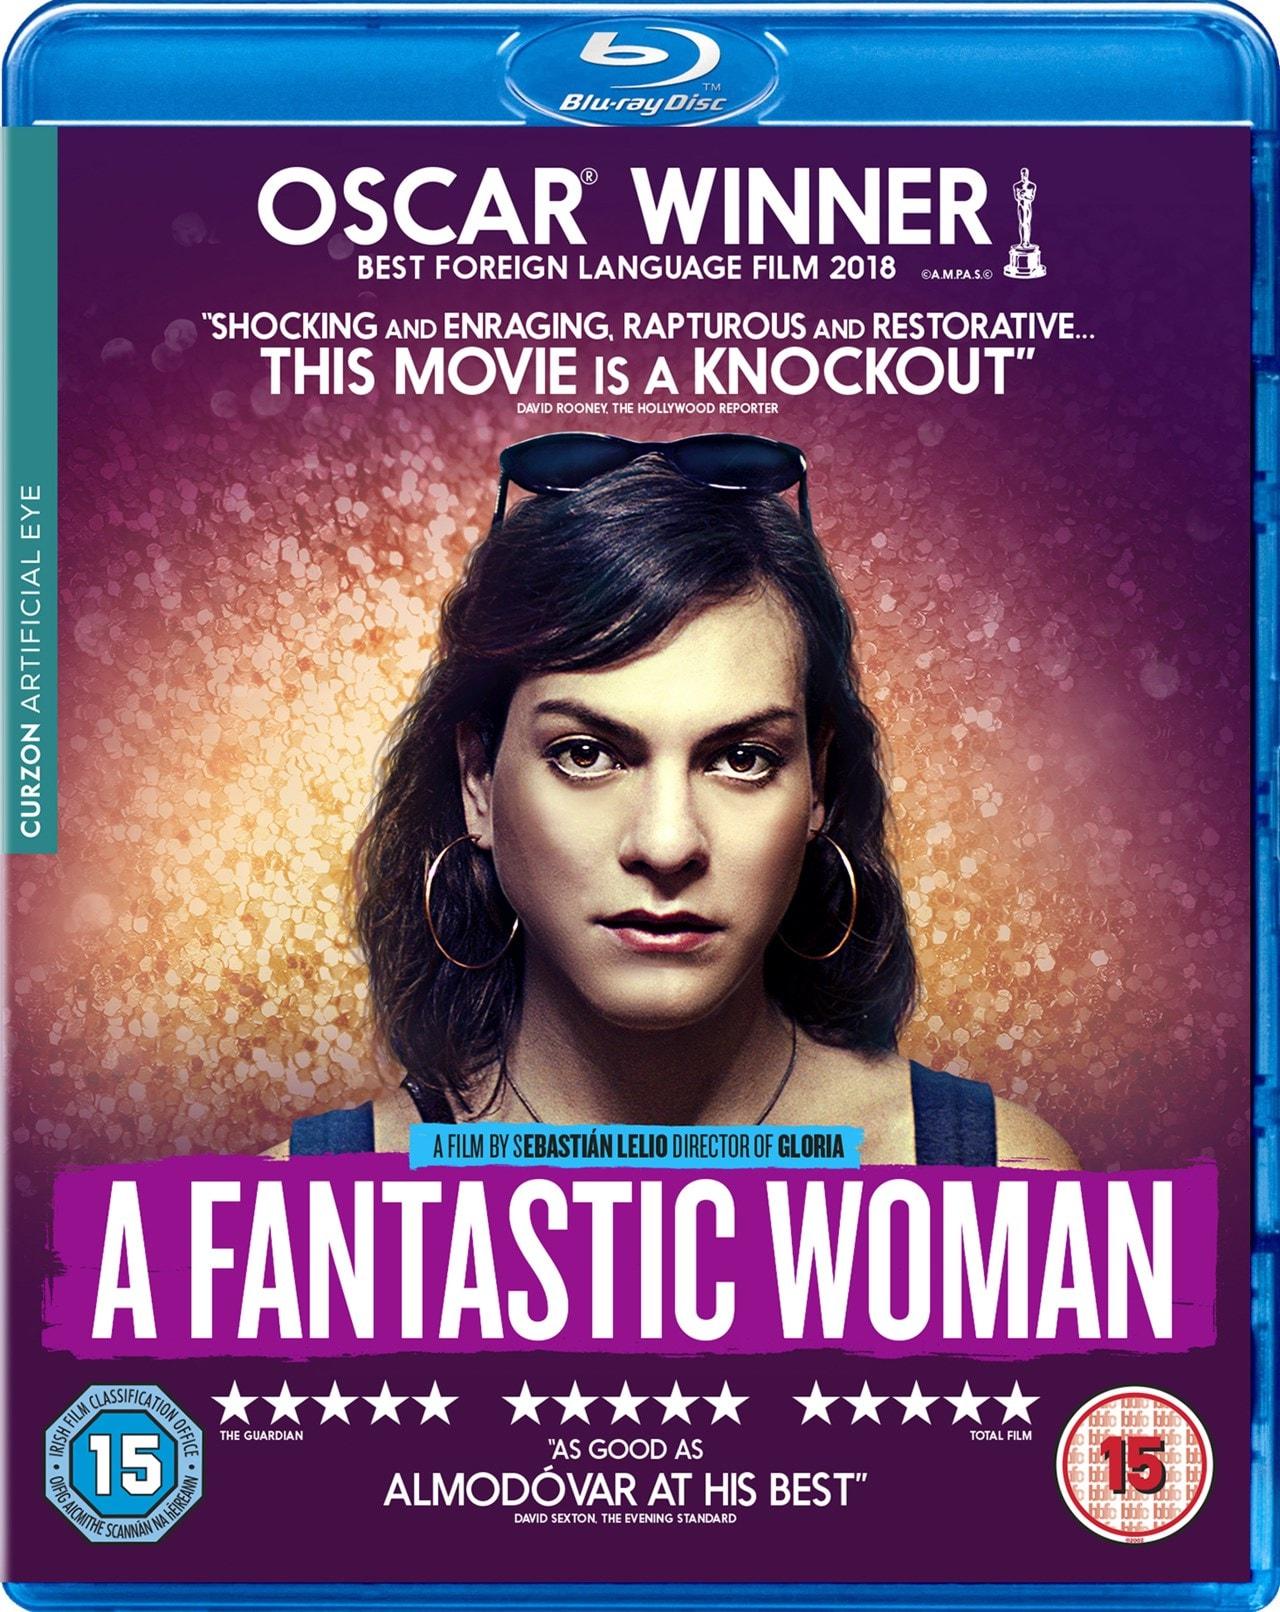 A Fantastic Woman - 1